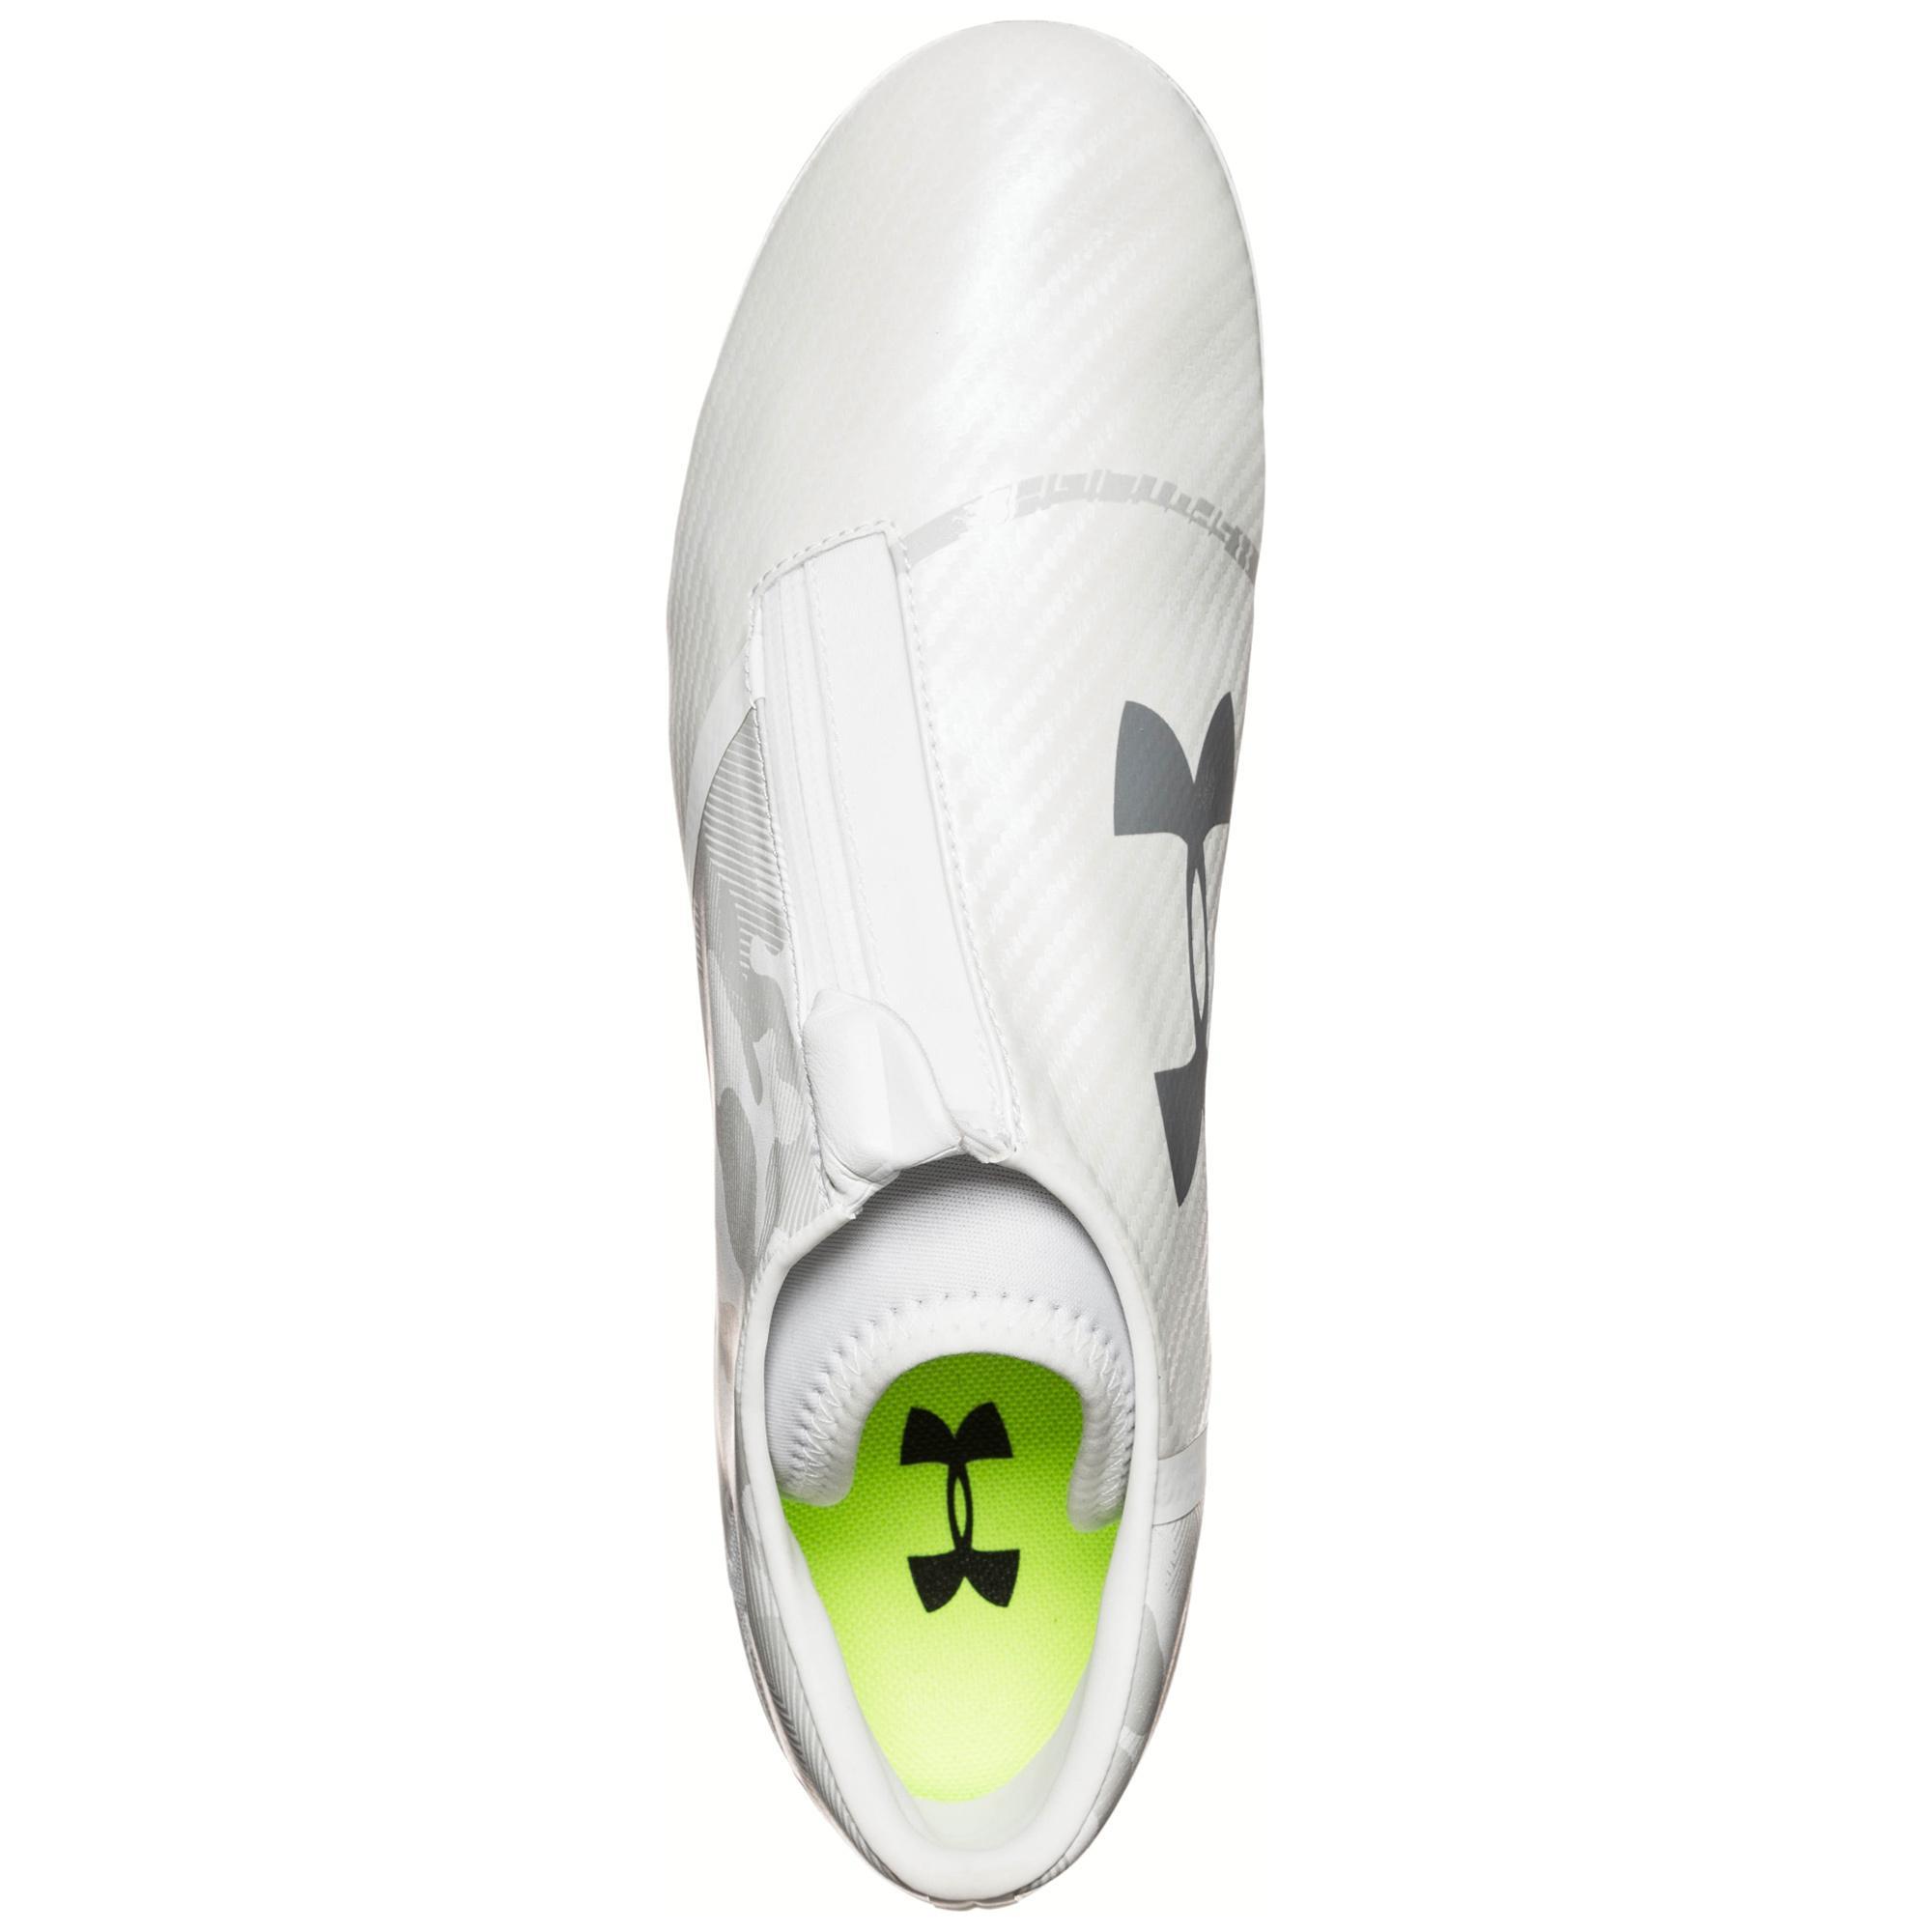 Under Armour Spotlight Fußballschuhe Herren weiß im Online kaufen Shop von SportScheck kaufen Online Gute Qualität beliebte Schuhe bac829